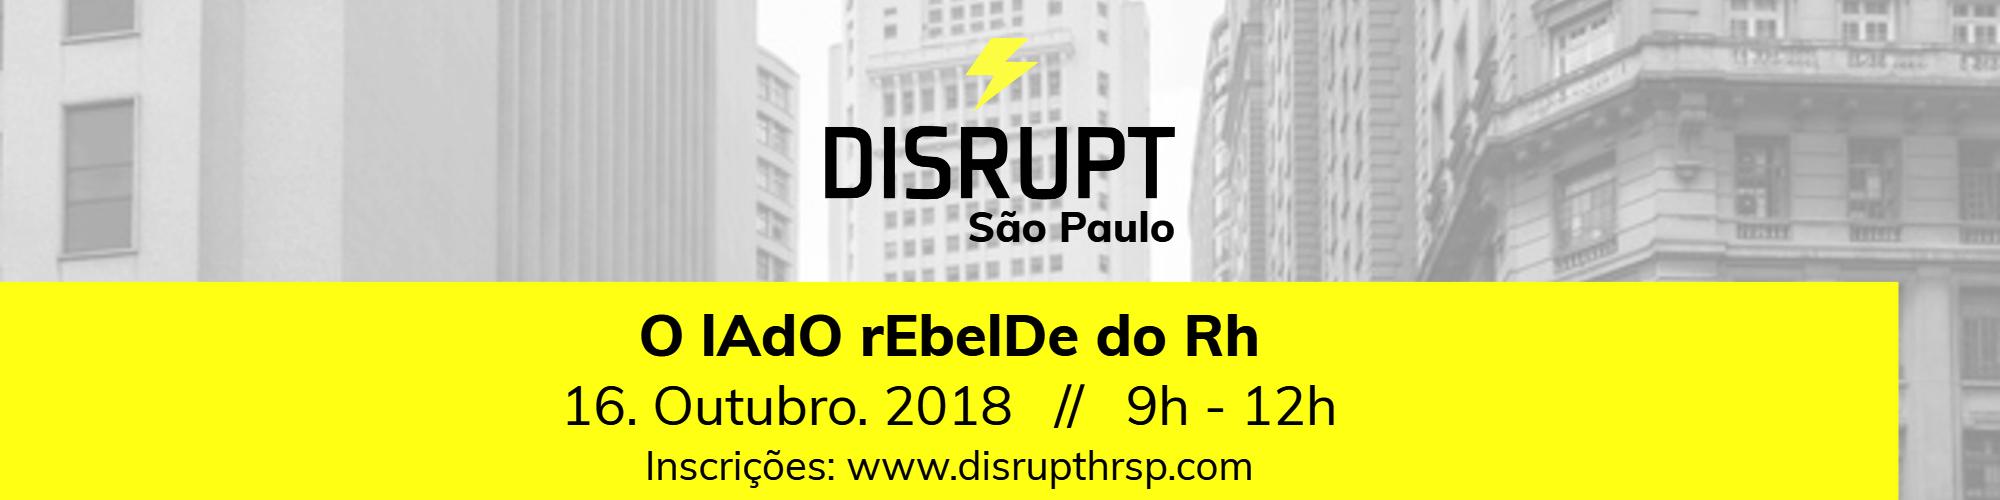 DisruptHR São Paulo revela como traçar estratégias disruptivas e de sucesso na gestão do RH